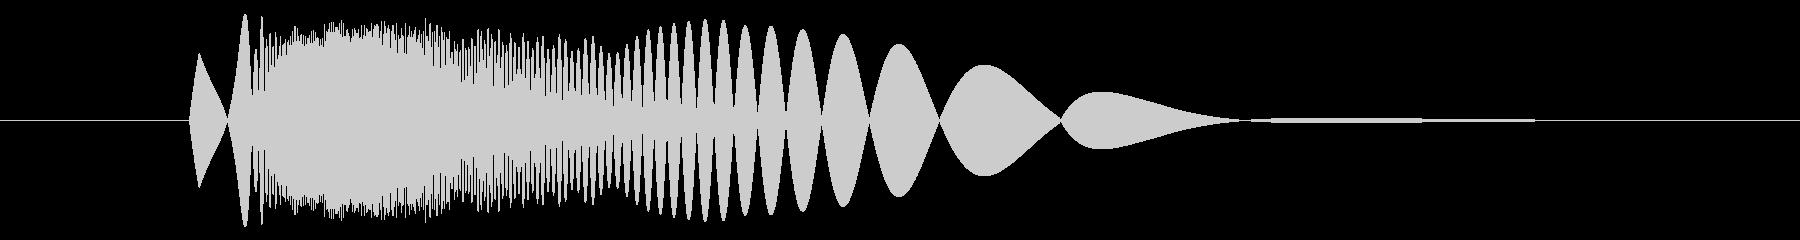 ピュンの未再生の波形